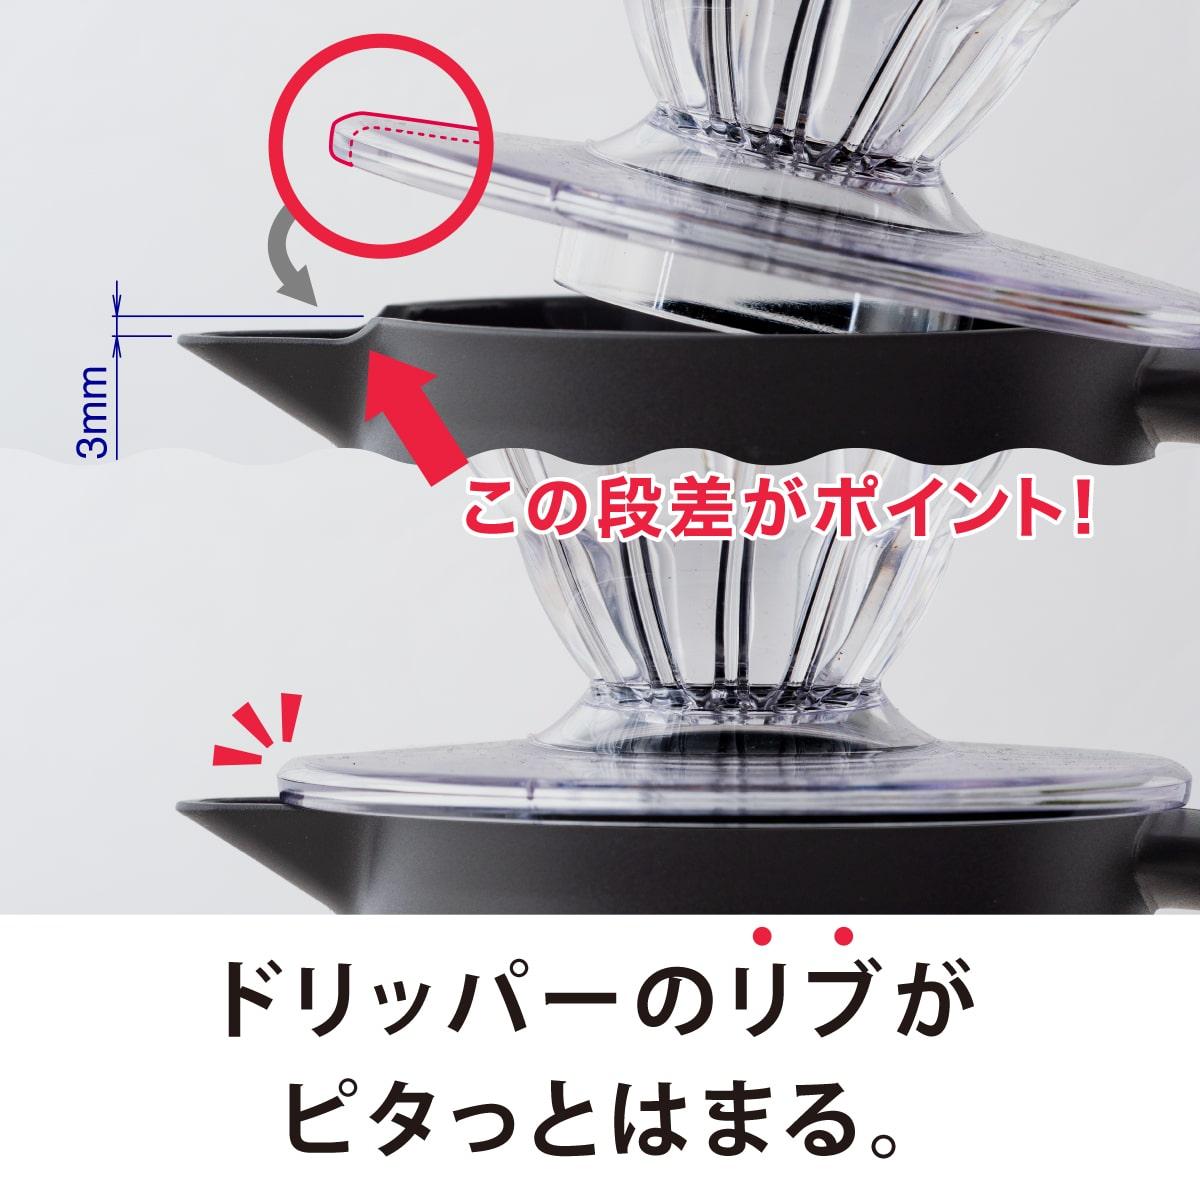 CURRENT コーヒーサーバー 800ml ブラック image03